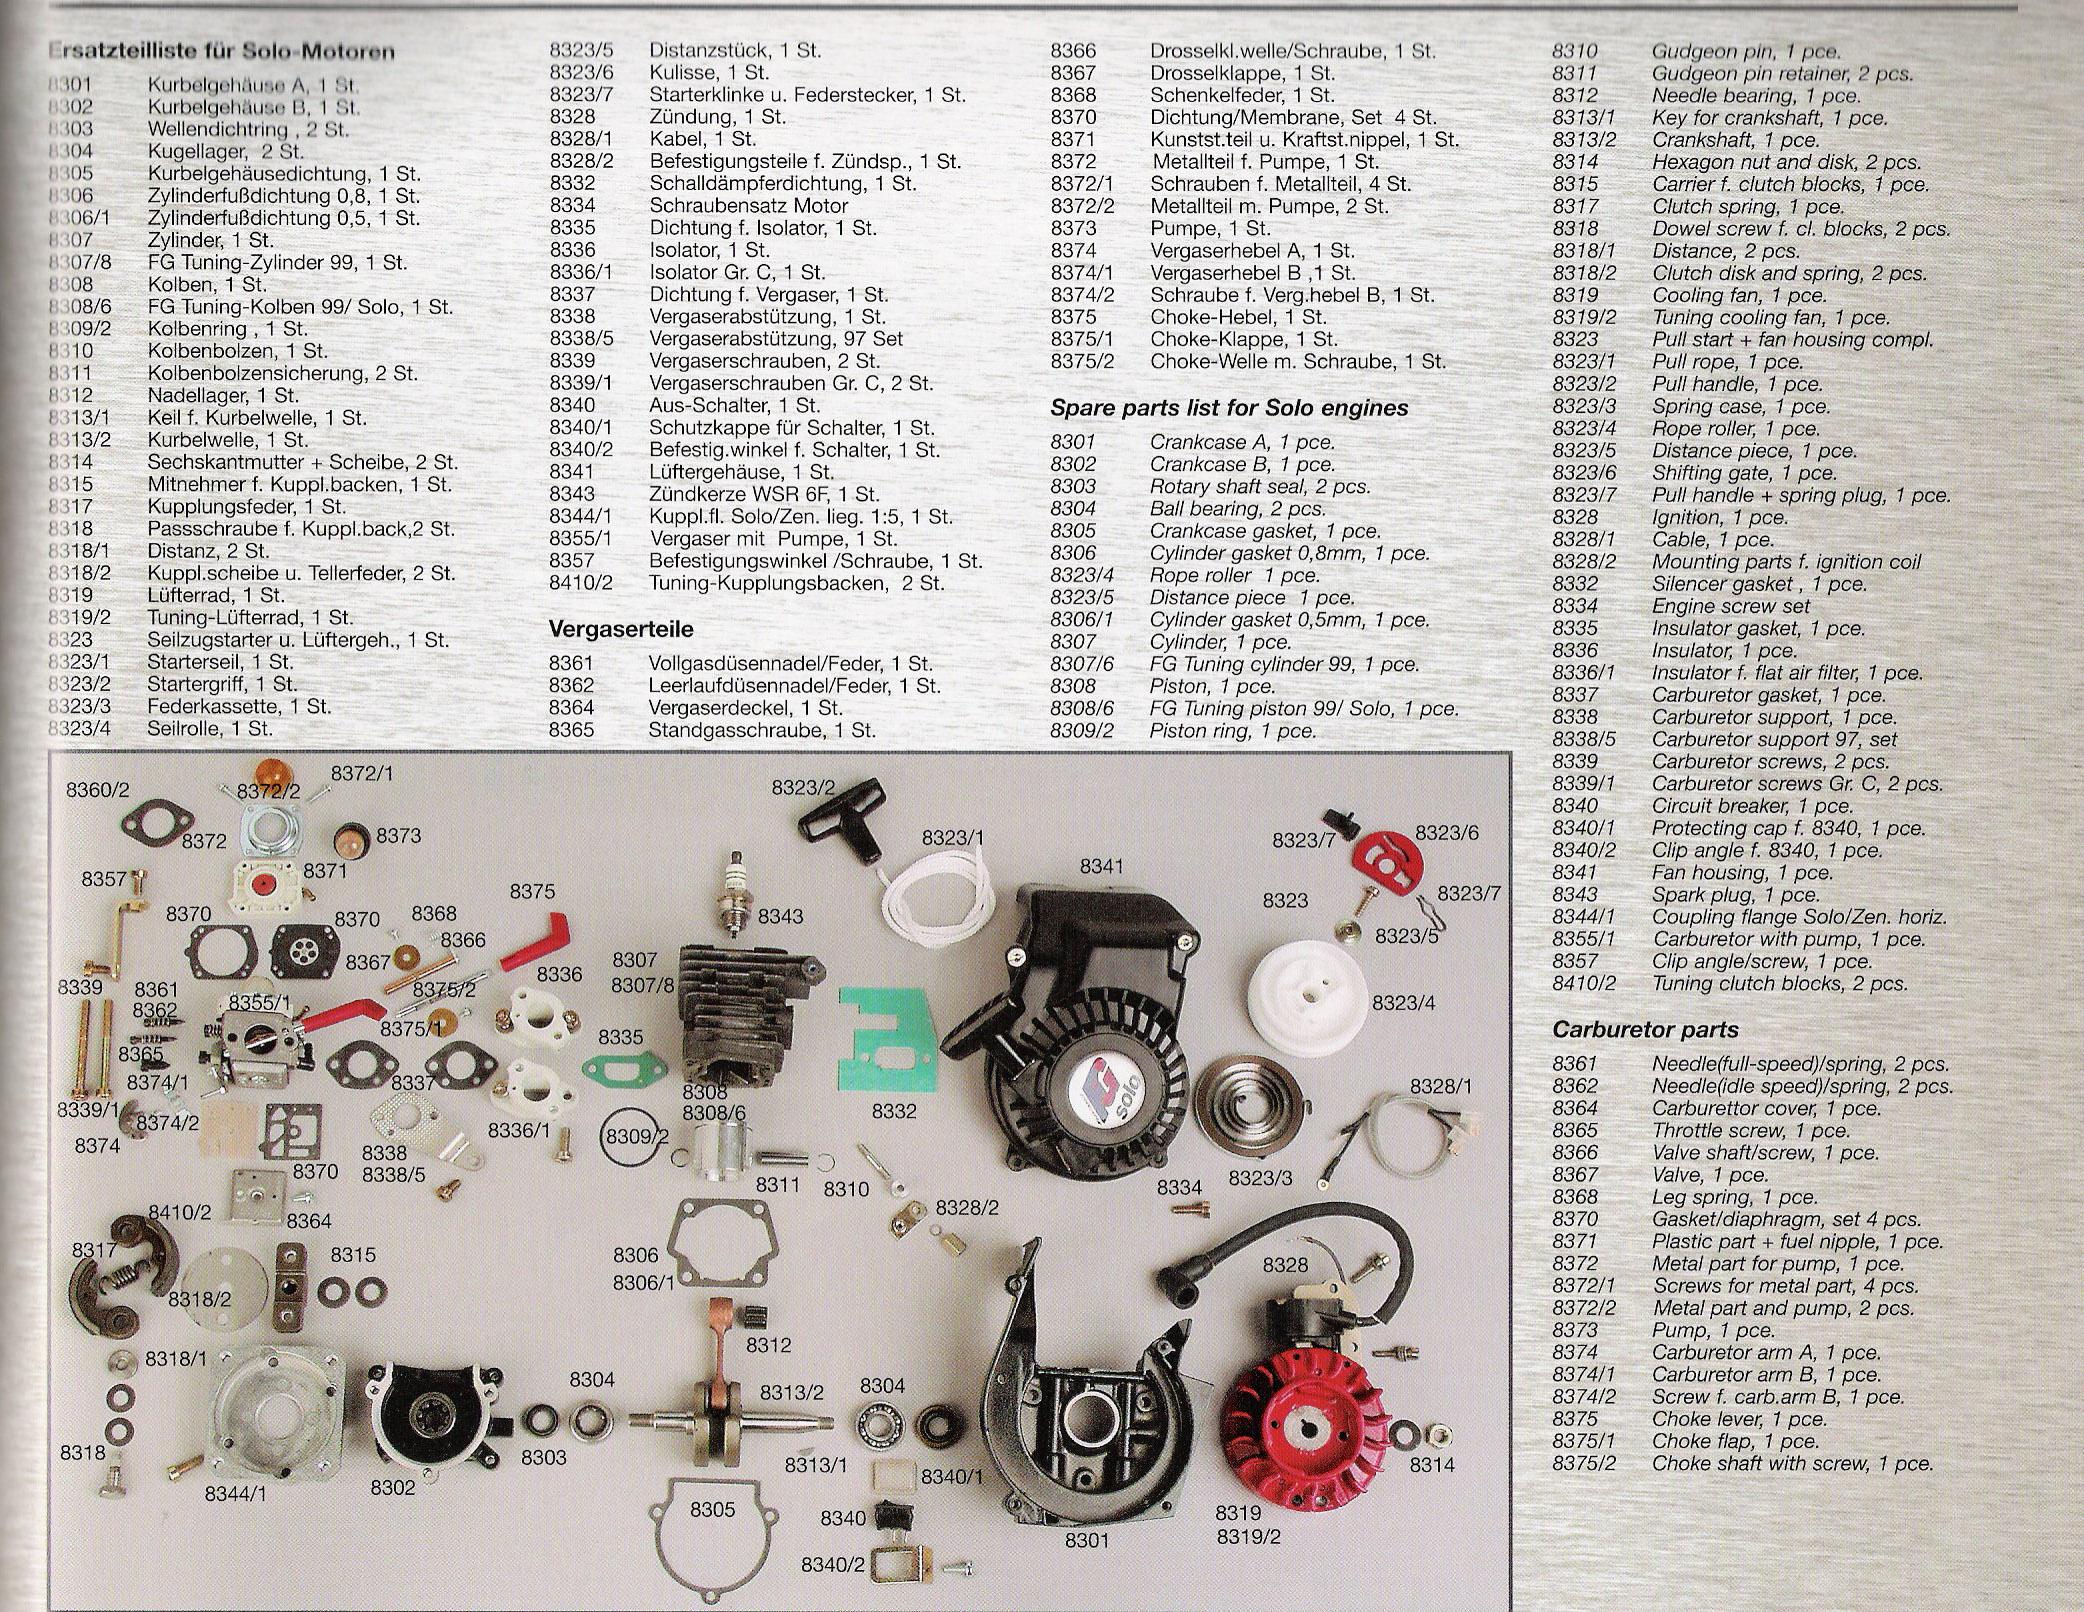 Big Boys Toys and Hobbies - Parts Manuals